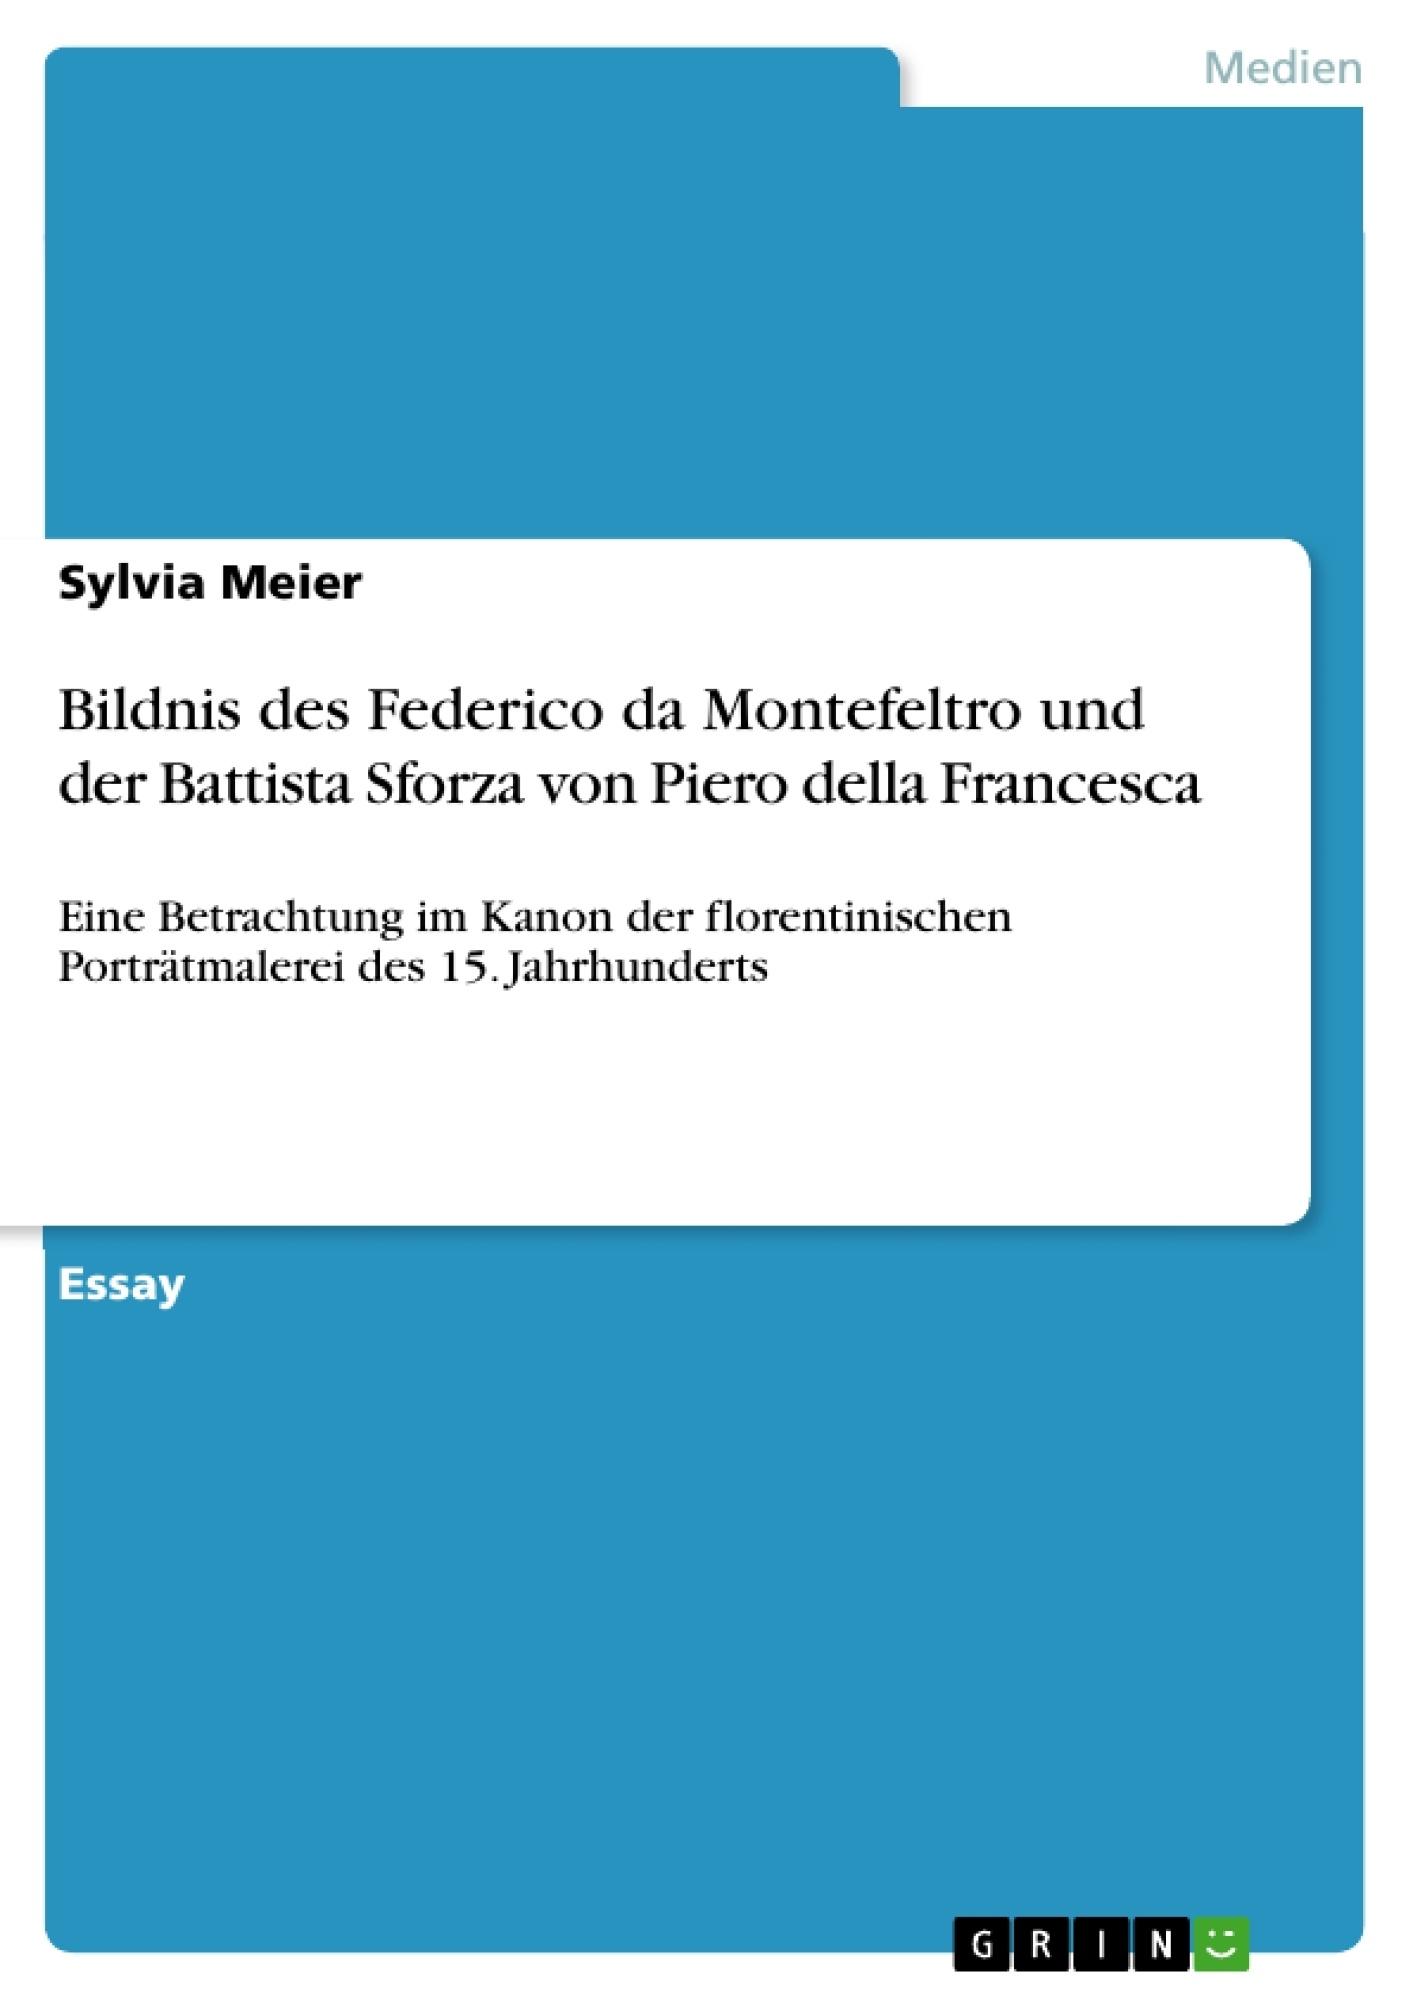 Titel: Bildnis des Federico da Montefeltro und der Battista Sforza von Piero della Francesca